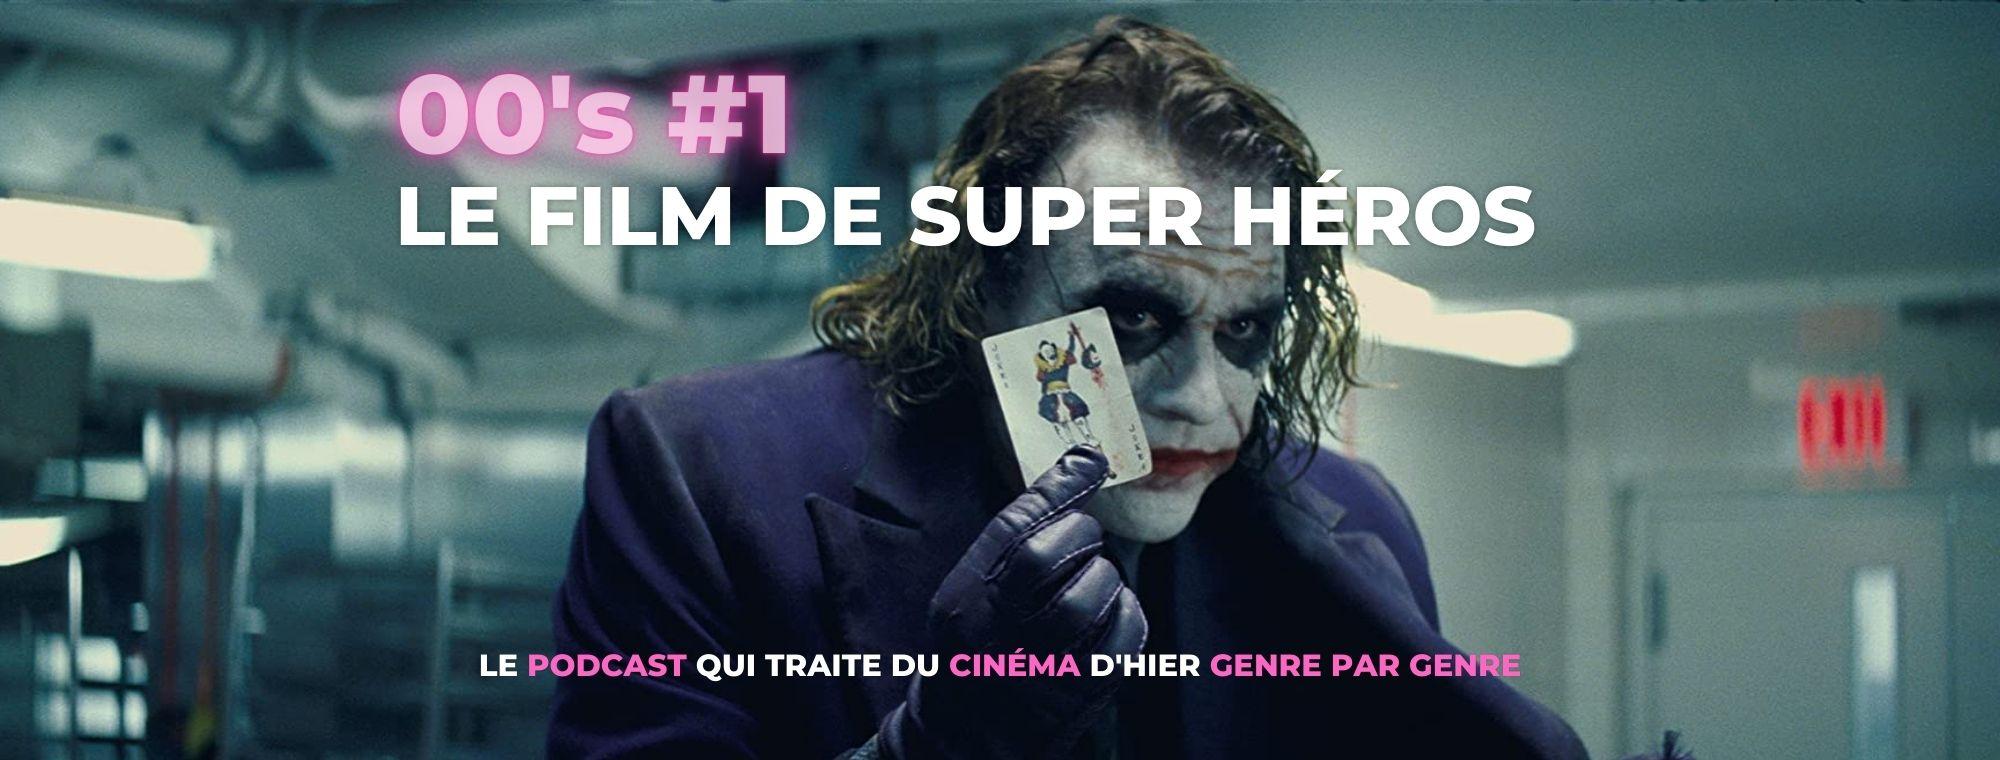 Parlons Péloches - 00's #1 Le film de super-héros